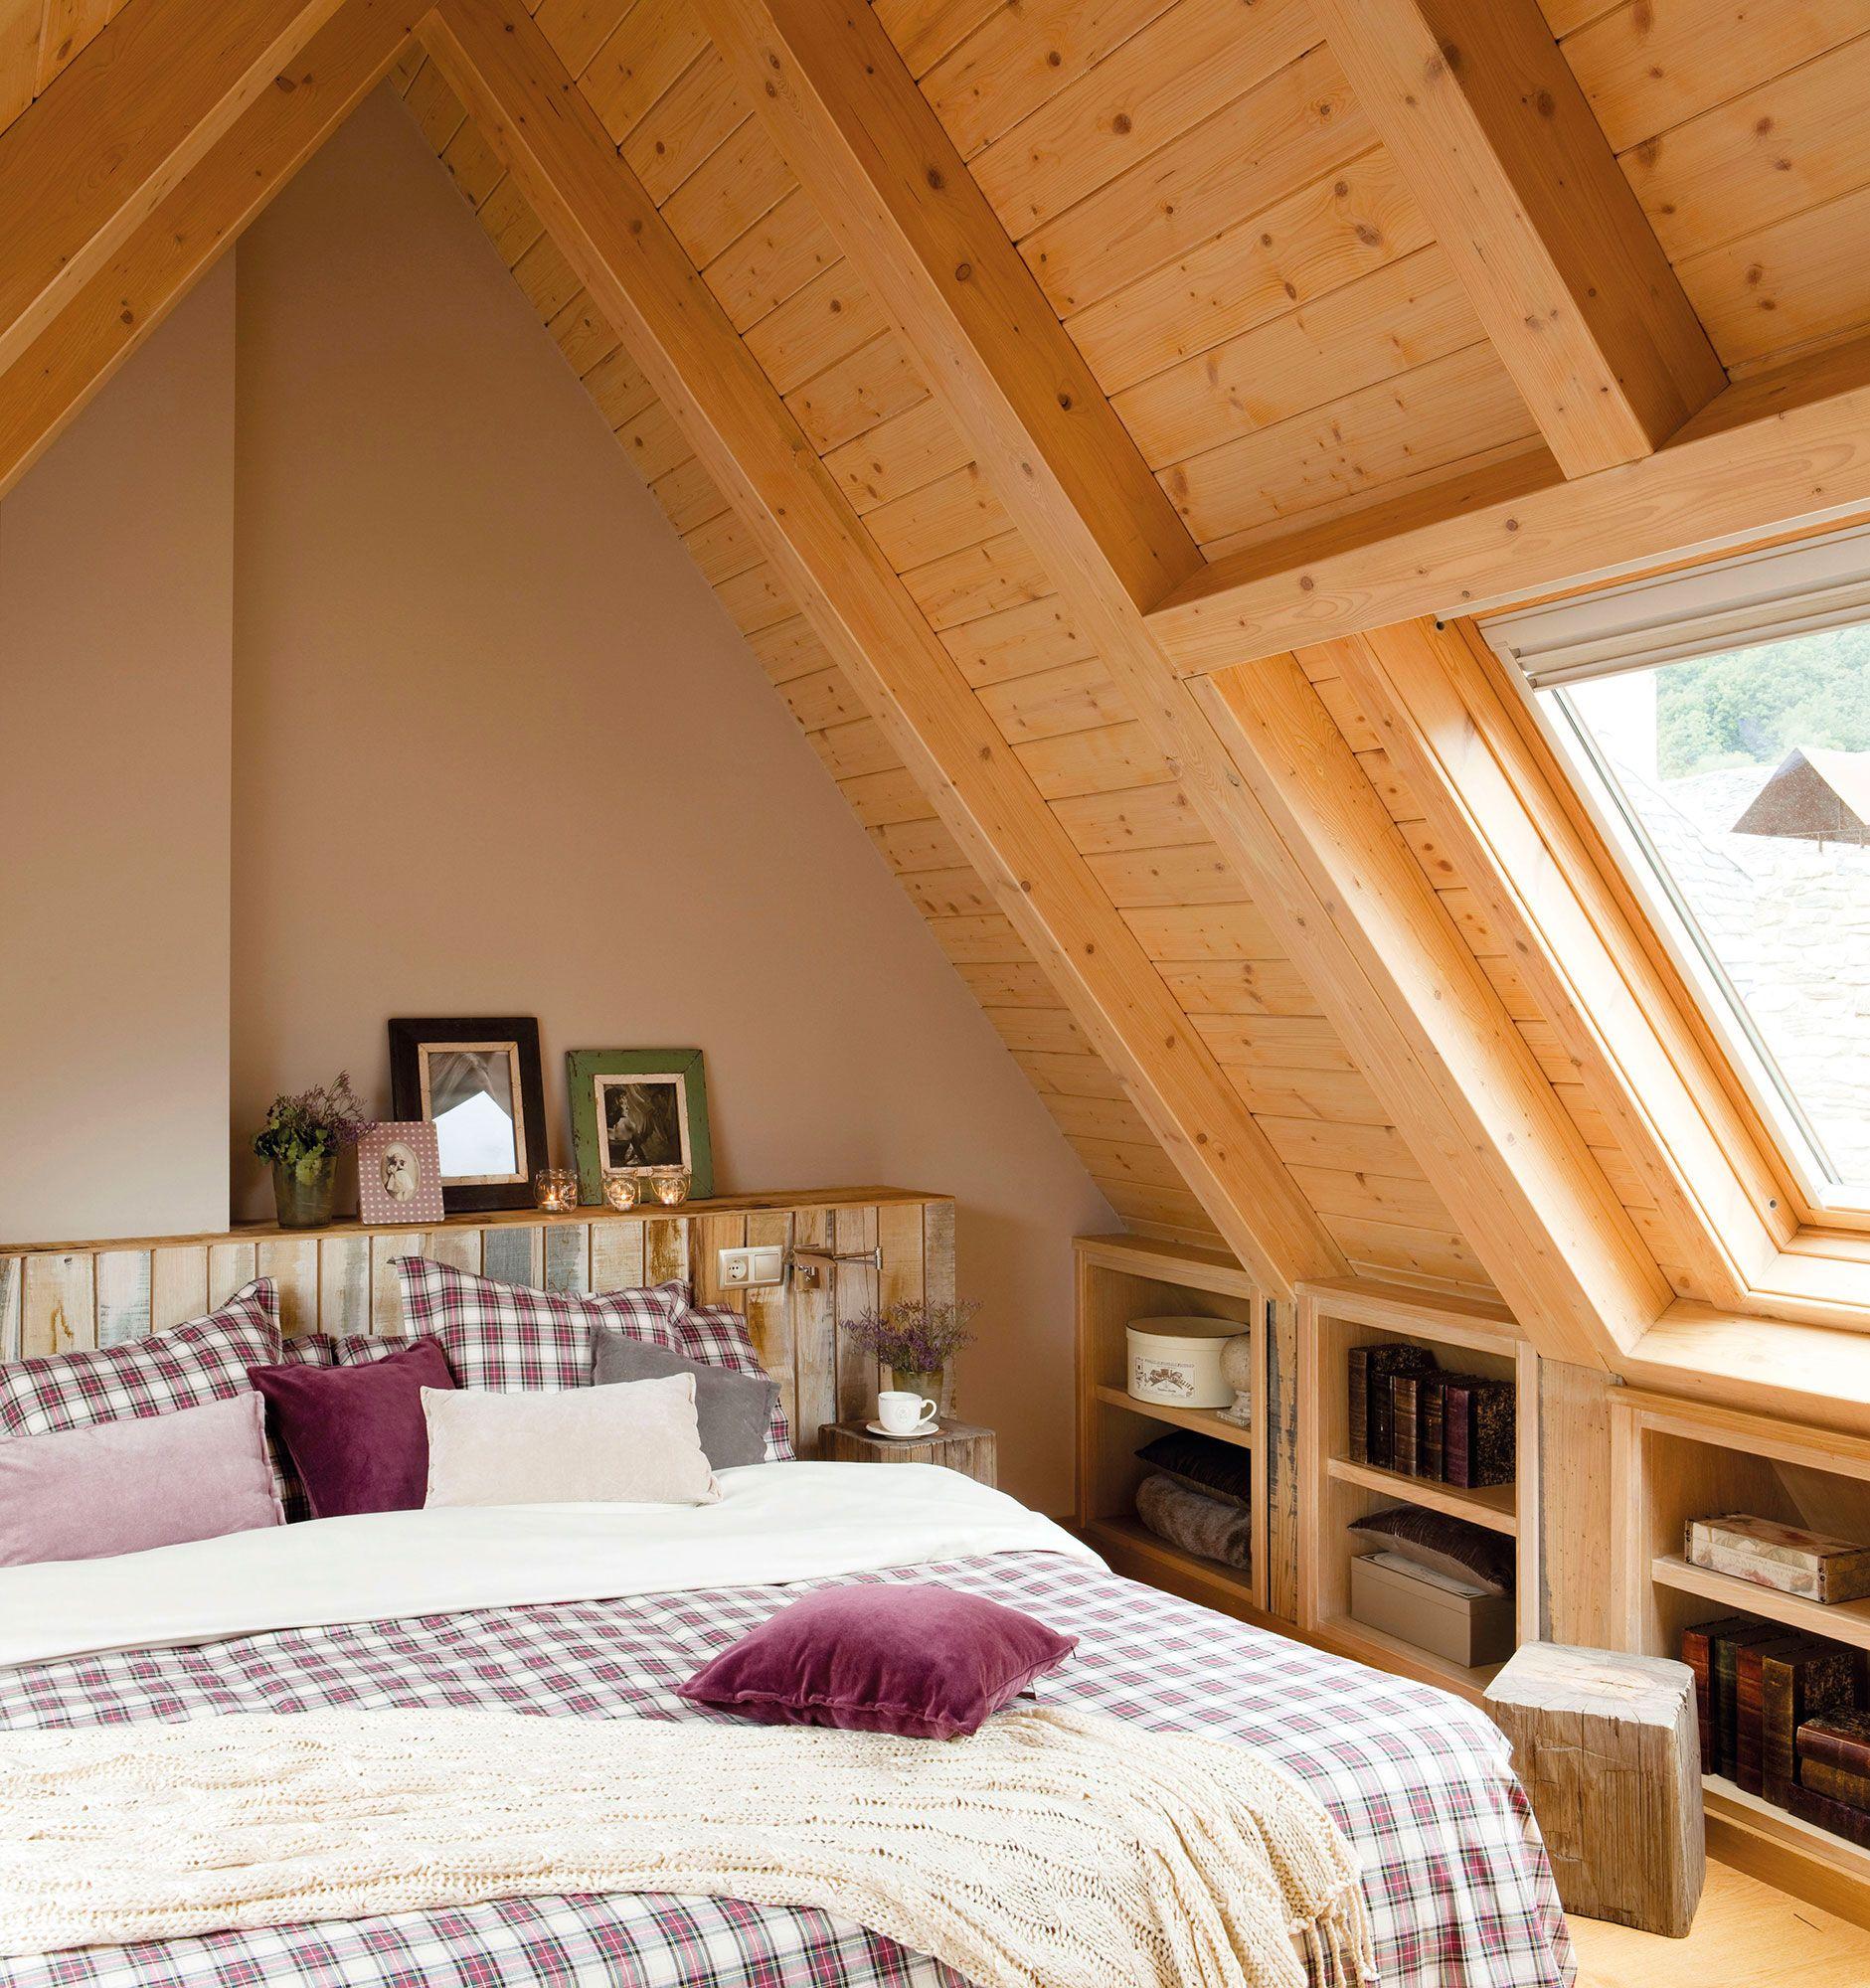 Dormitorio r stico en buhardilla con cabecero y techo de - Casas con buhardilla ...